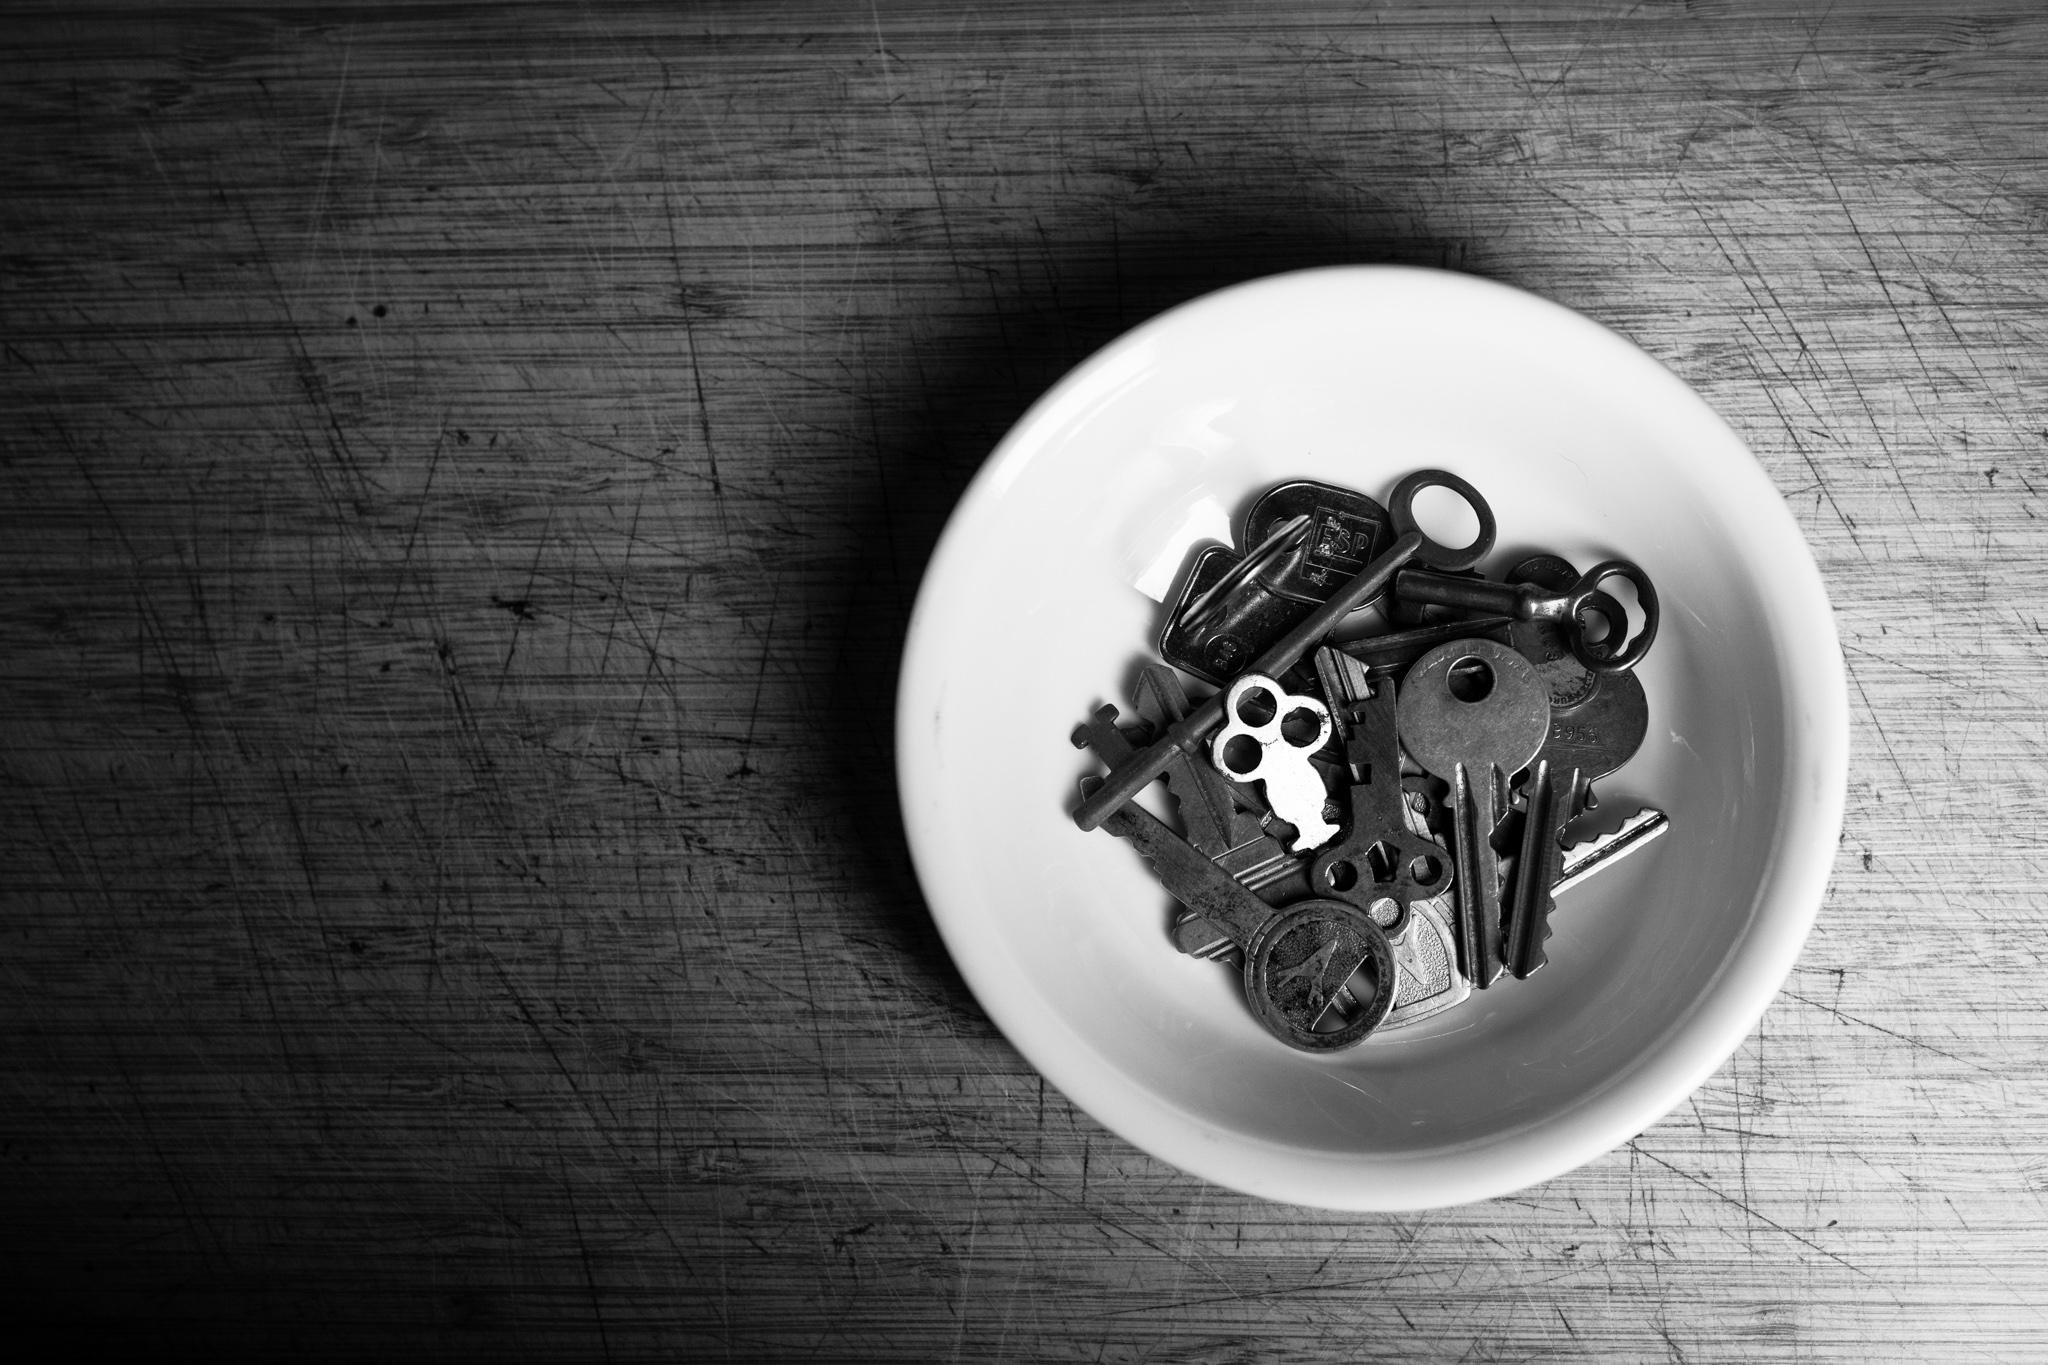 keys in a bowl